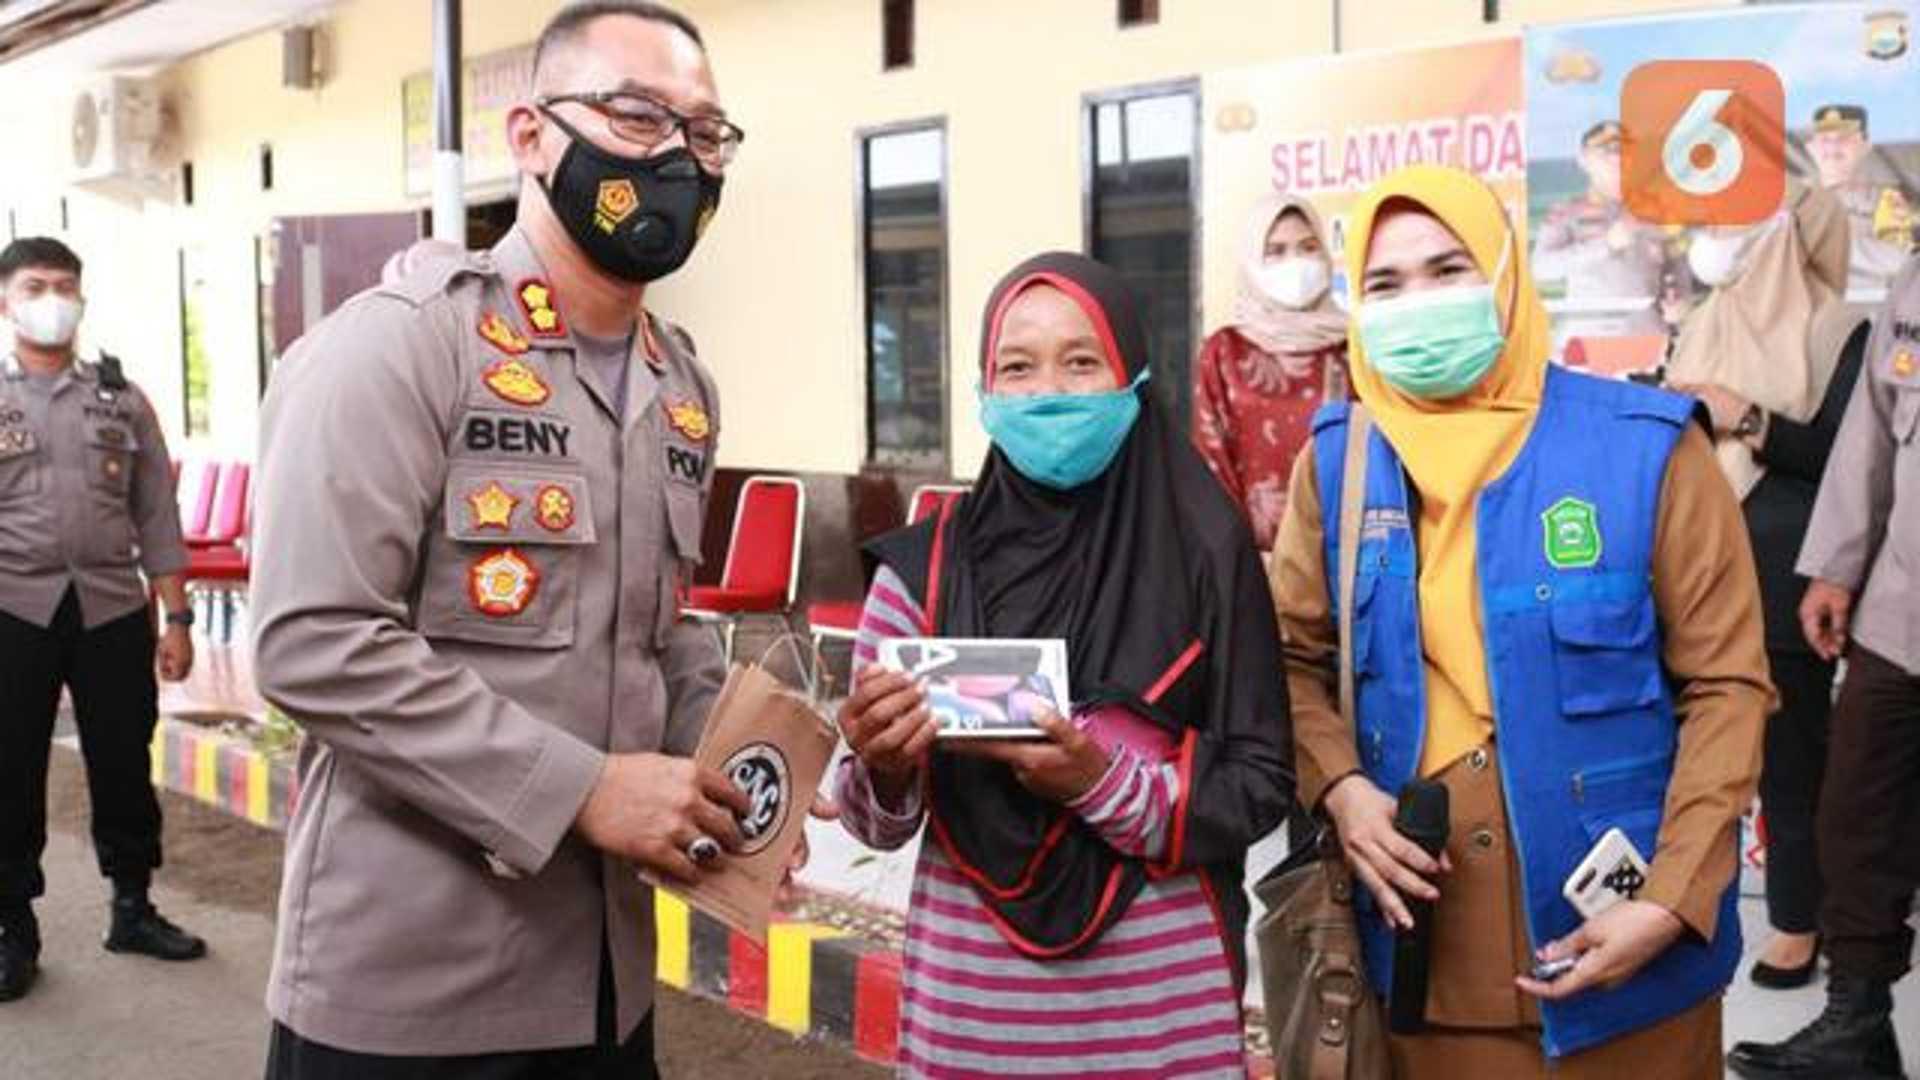 Kapolres Takalar, AKBP Benny Murjayanto memberikan Handphone kepada pemenang (Liputan6.com/Fauzan)